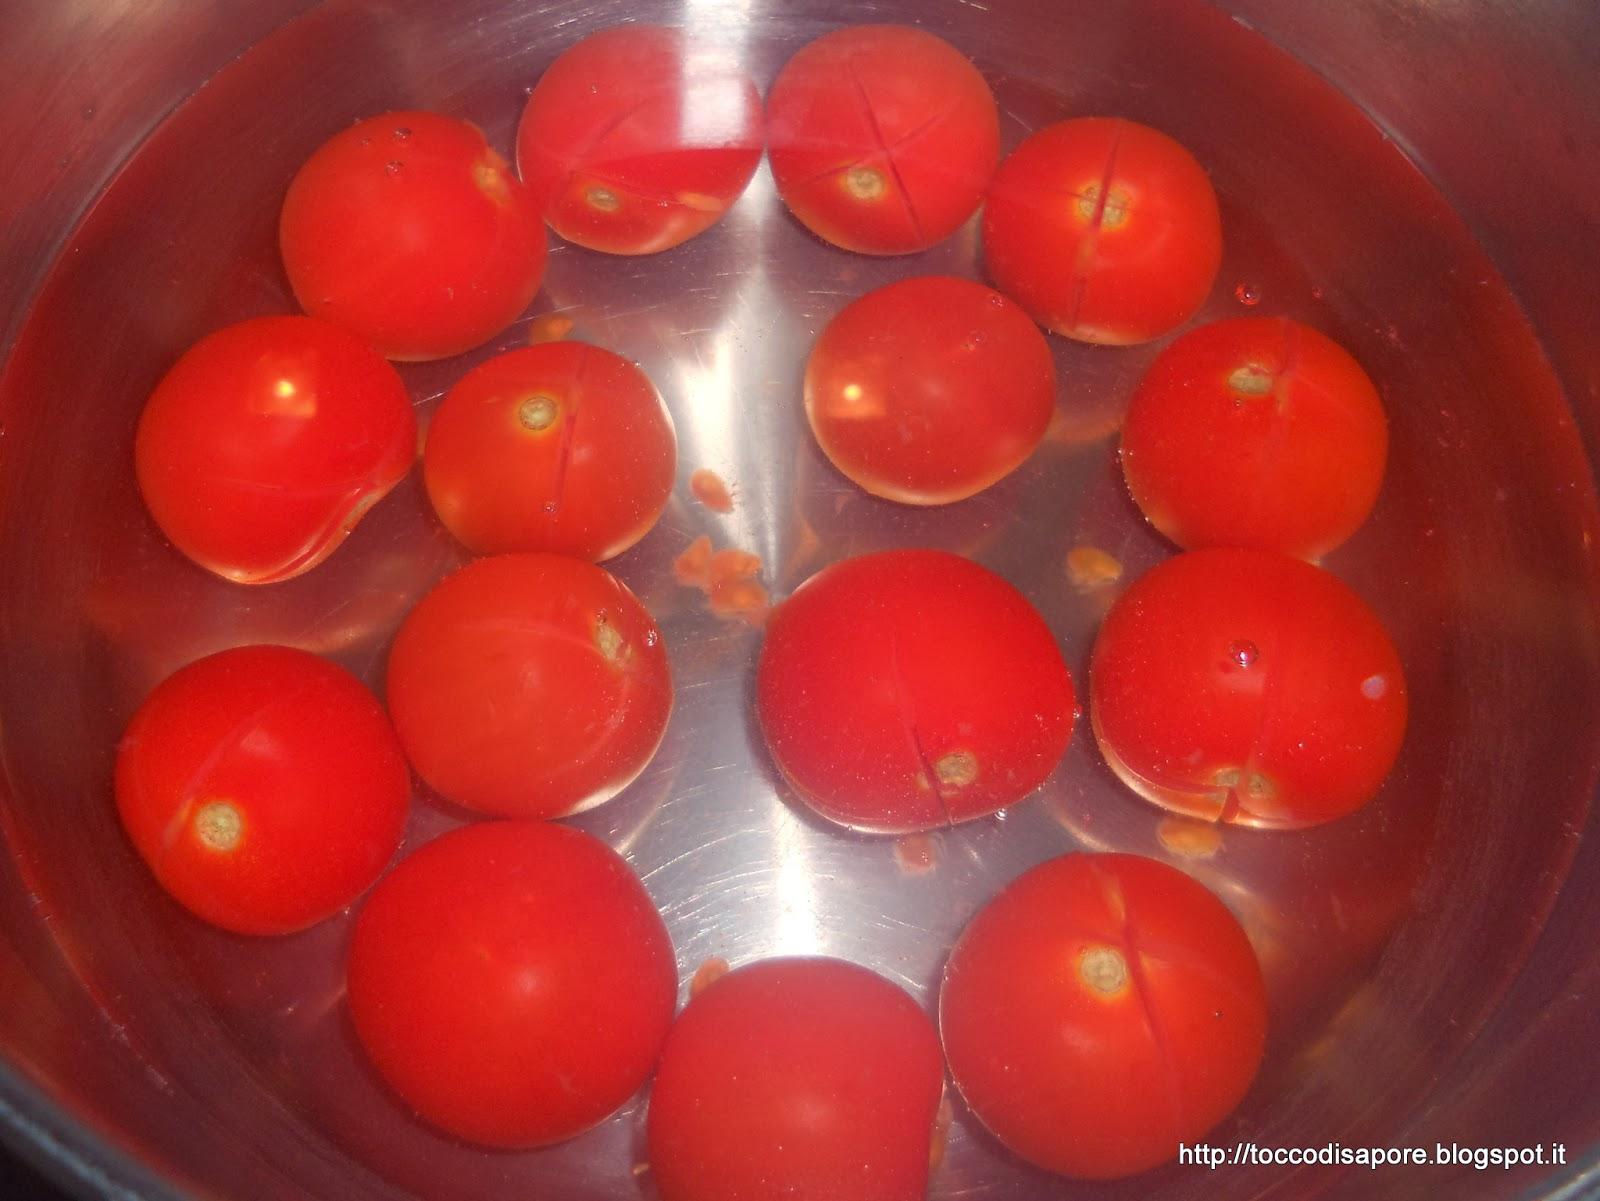 Pomodorini in acqua bollente